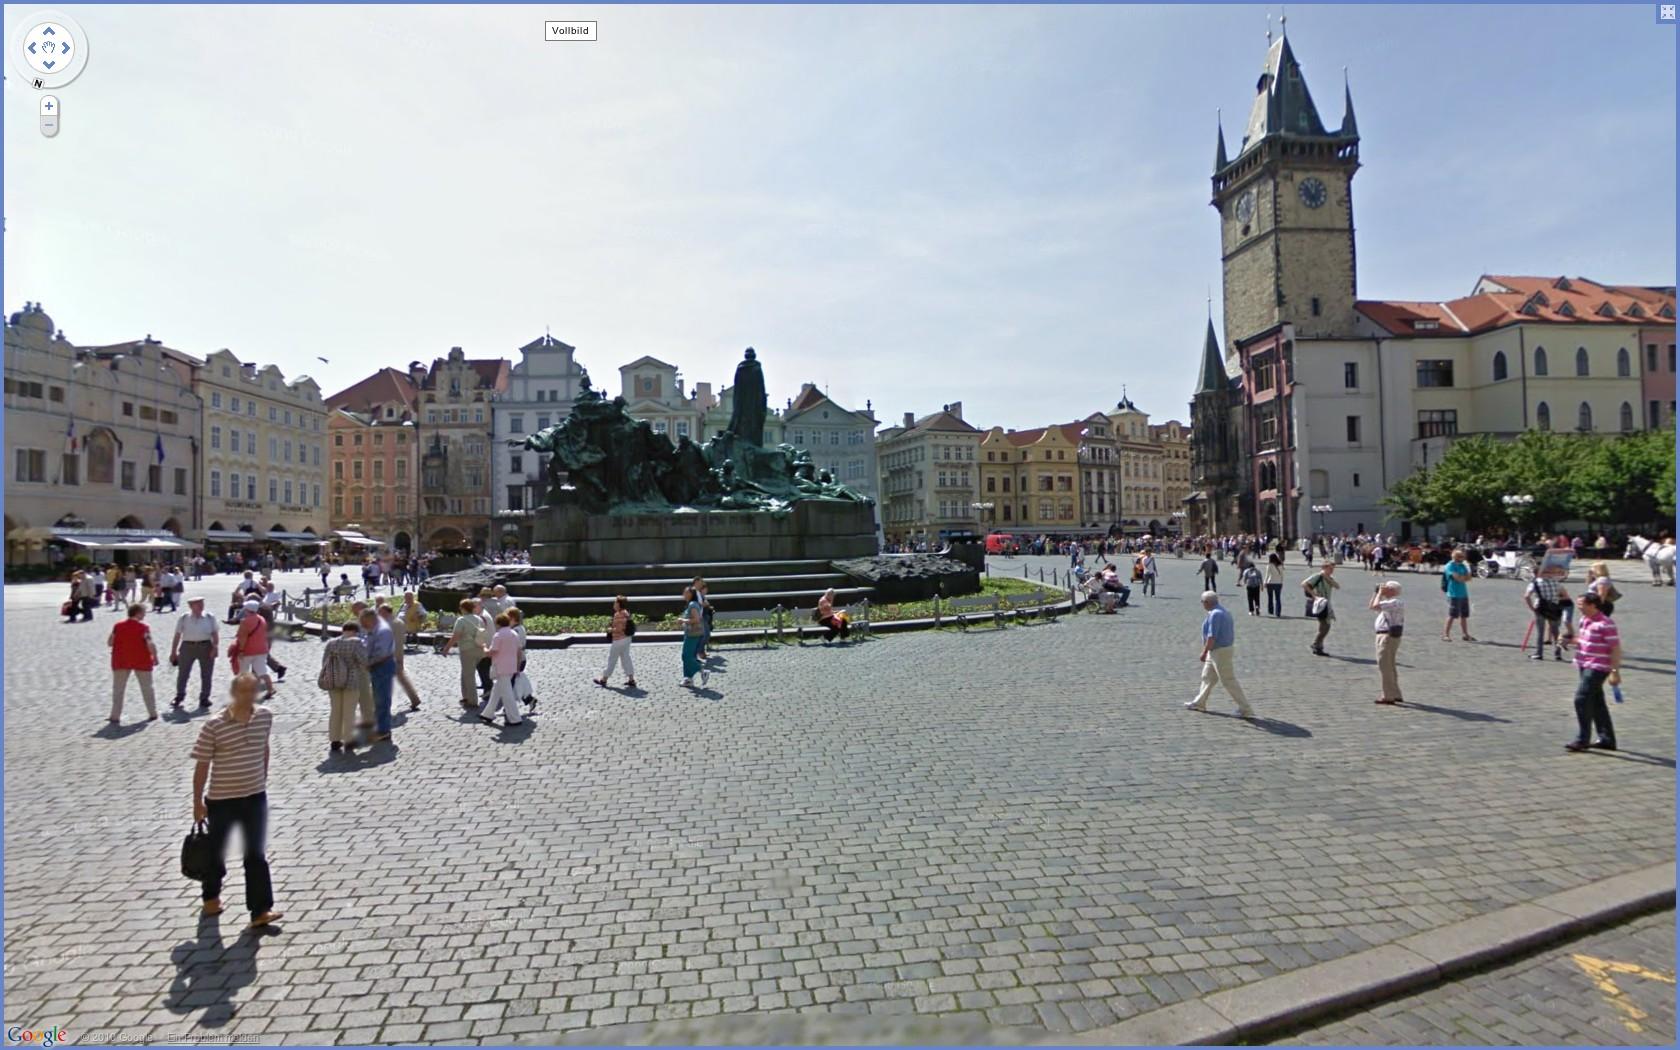 Street View: Das eigene Haus kann ab sofort verpixelt werden - Google Street View: Prags historisches Zentrum